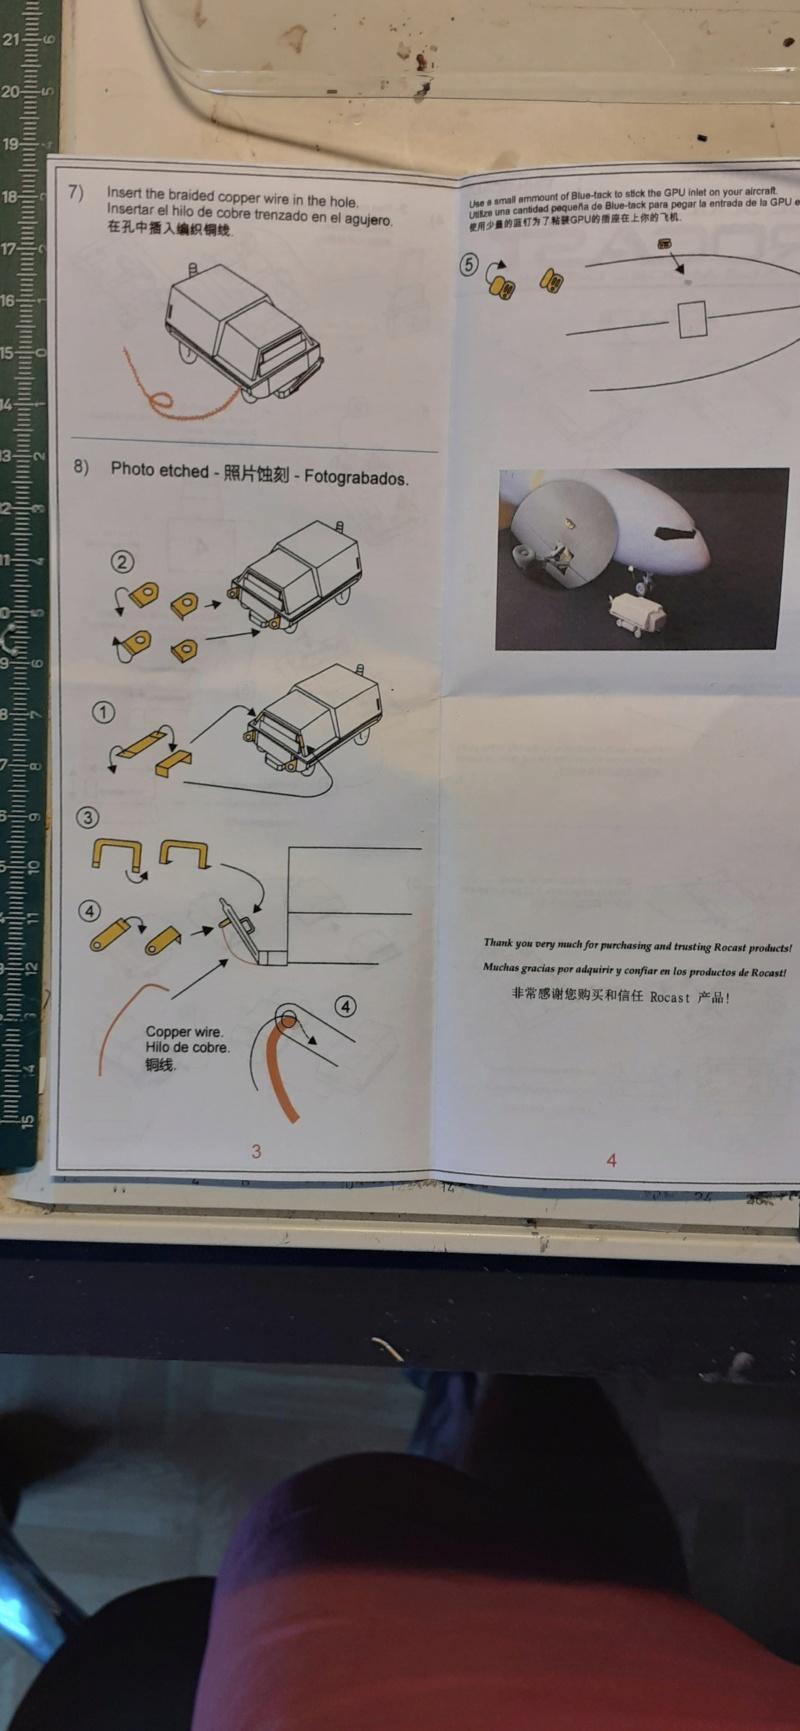 Réalisation de la maquette 1/144 d' un aéroport international (scratch) - Page 18 Fullsi92